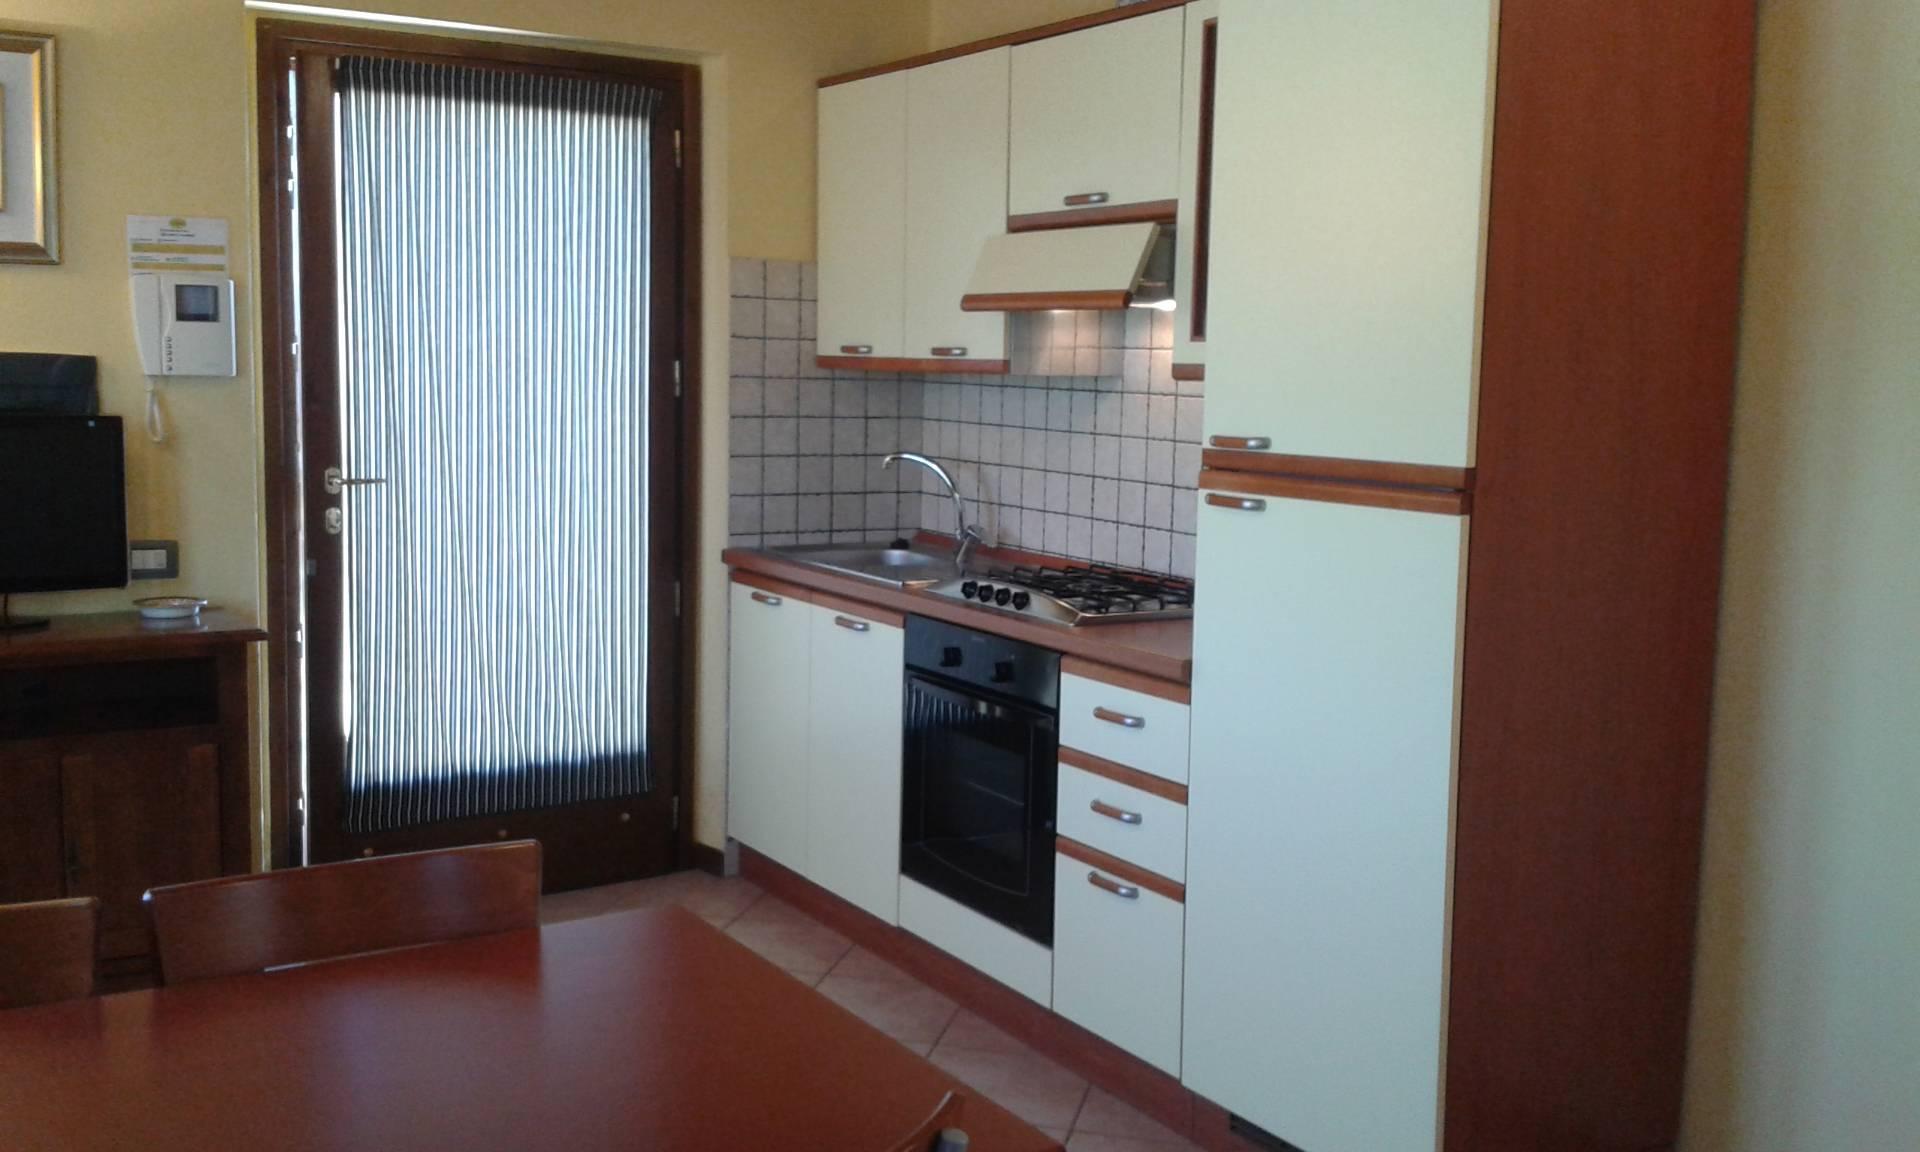 Appartamento in vendita a Porto Recanati, 2 locali, zona Località: QuartiereSud-S.aMariainPotenza, prezzo € 85.000   Cambio Casa.it